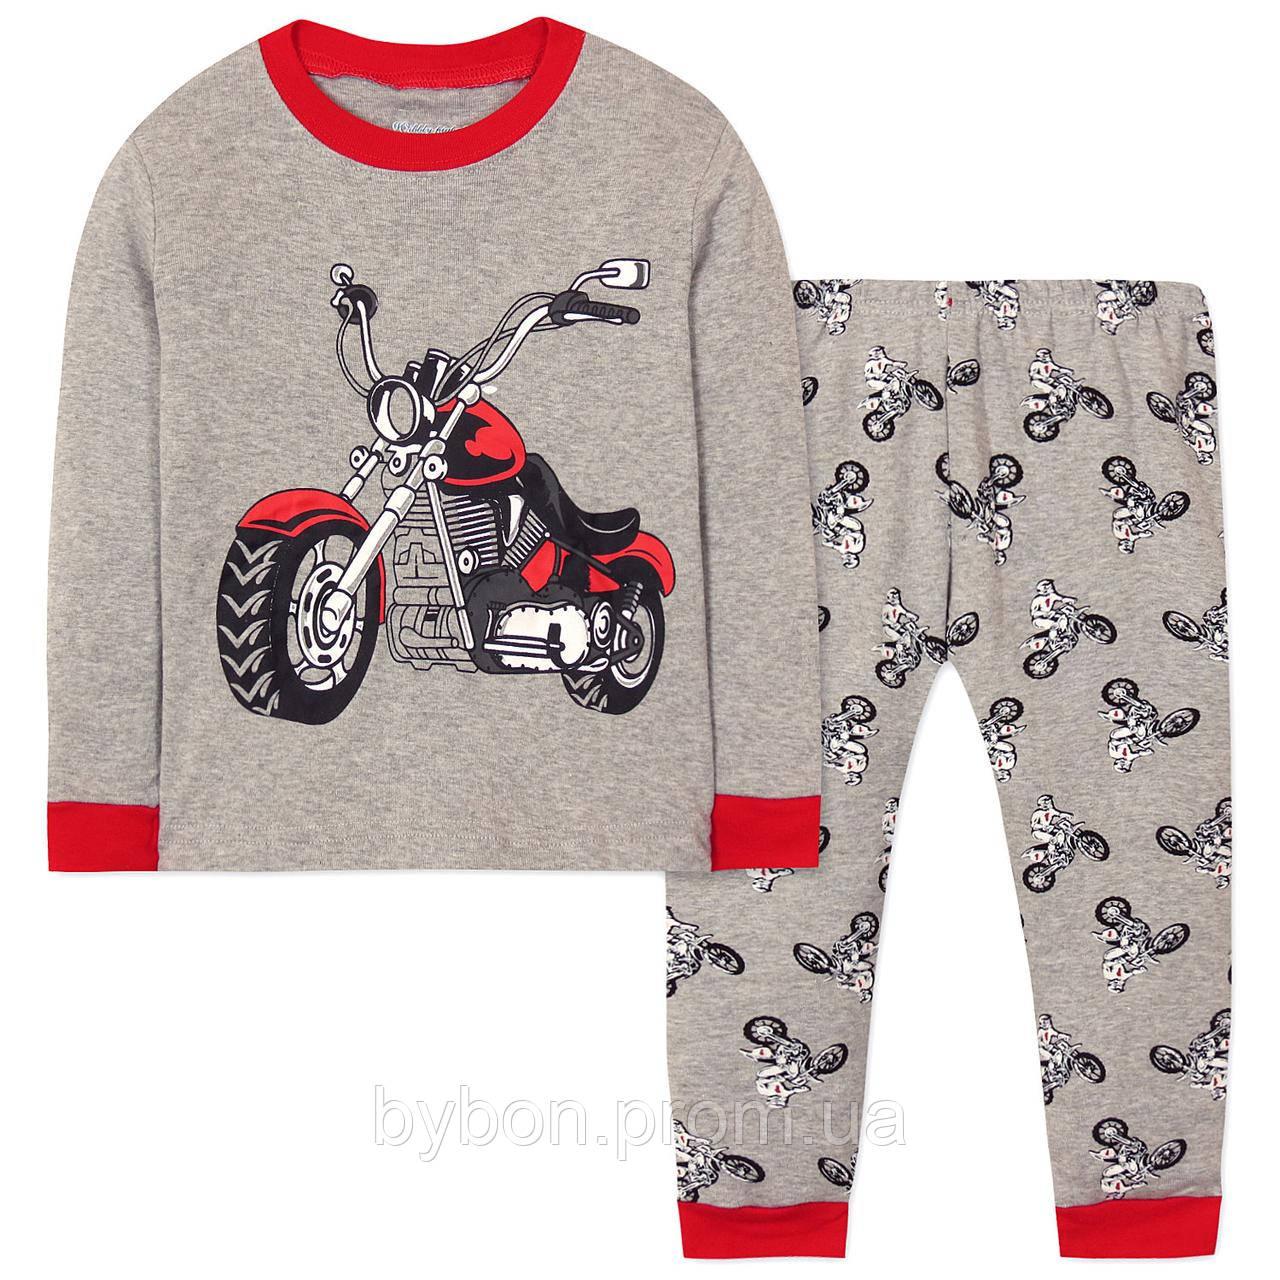 Пижама Мотоцикл — в Категории